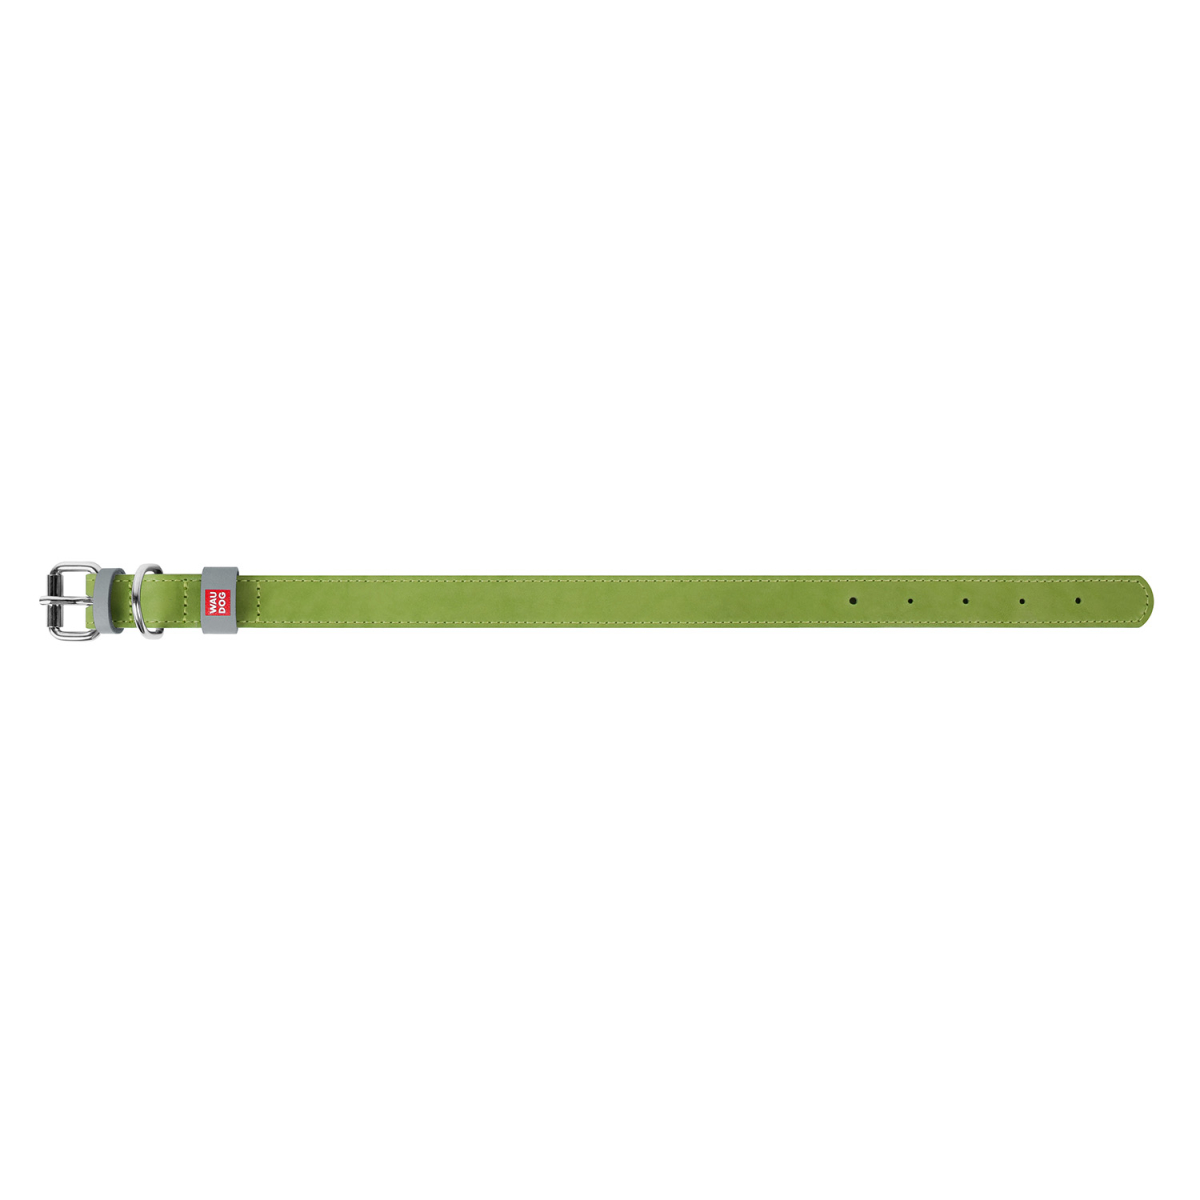 WAUDOG Classic нашийник для собак, 15 мм/27-36 см